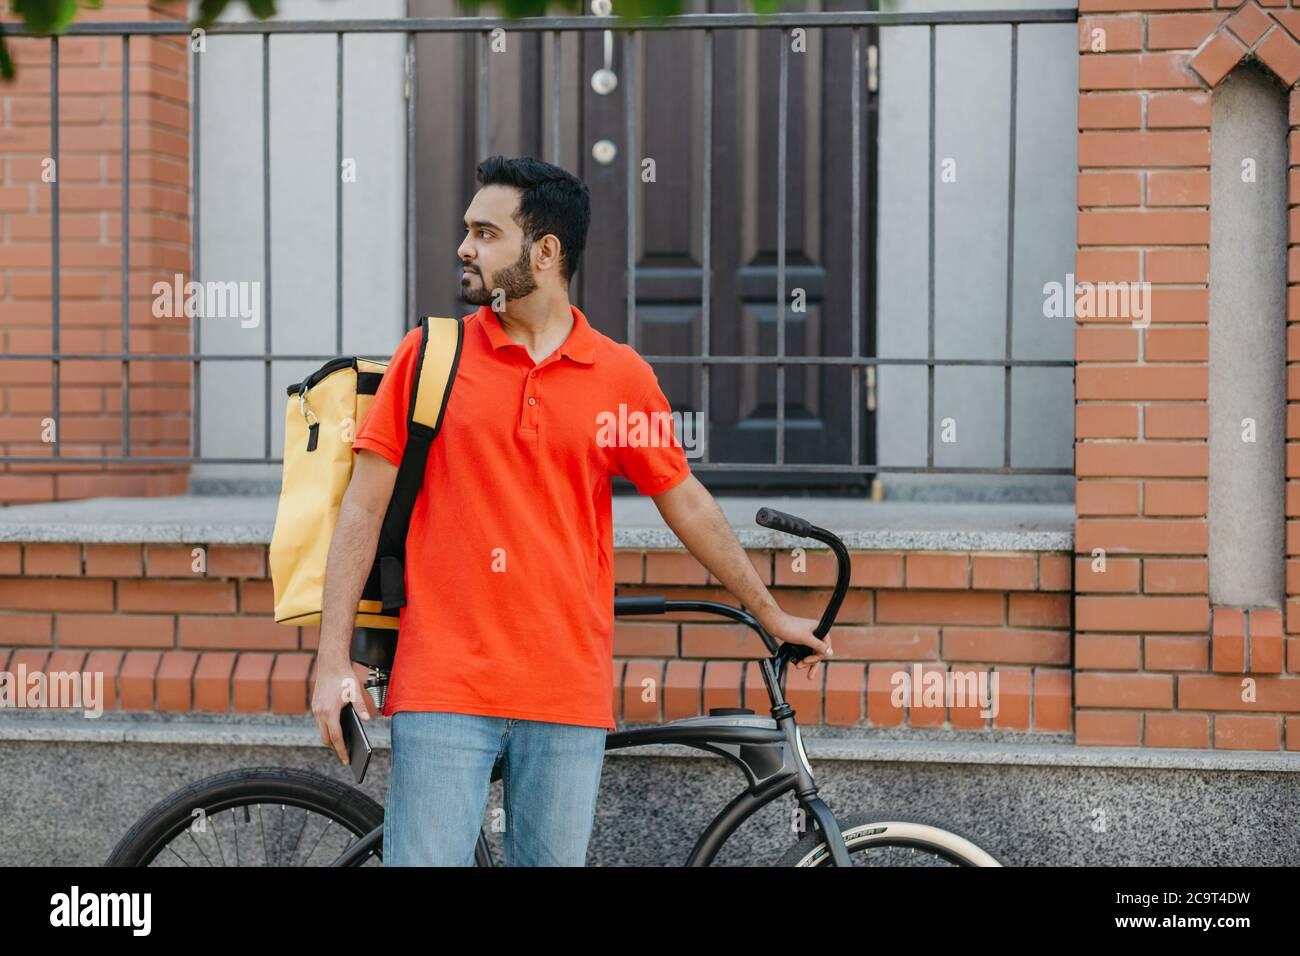 Trabajo en la ciudad. Un gran Libertyman con barba con mochila y bicicleta, sosteniendo el smartphone y buscando dirección Foto de stock